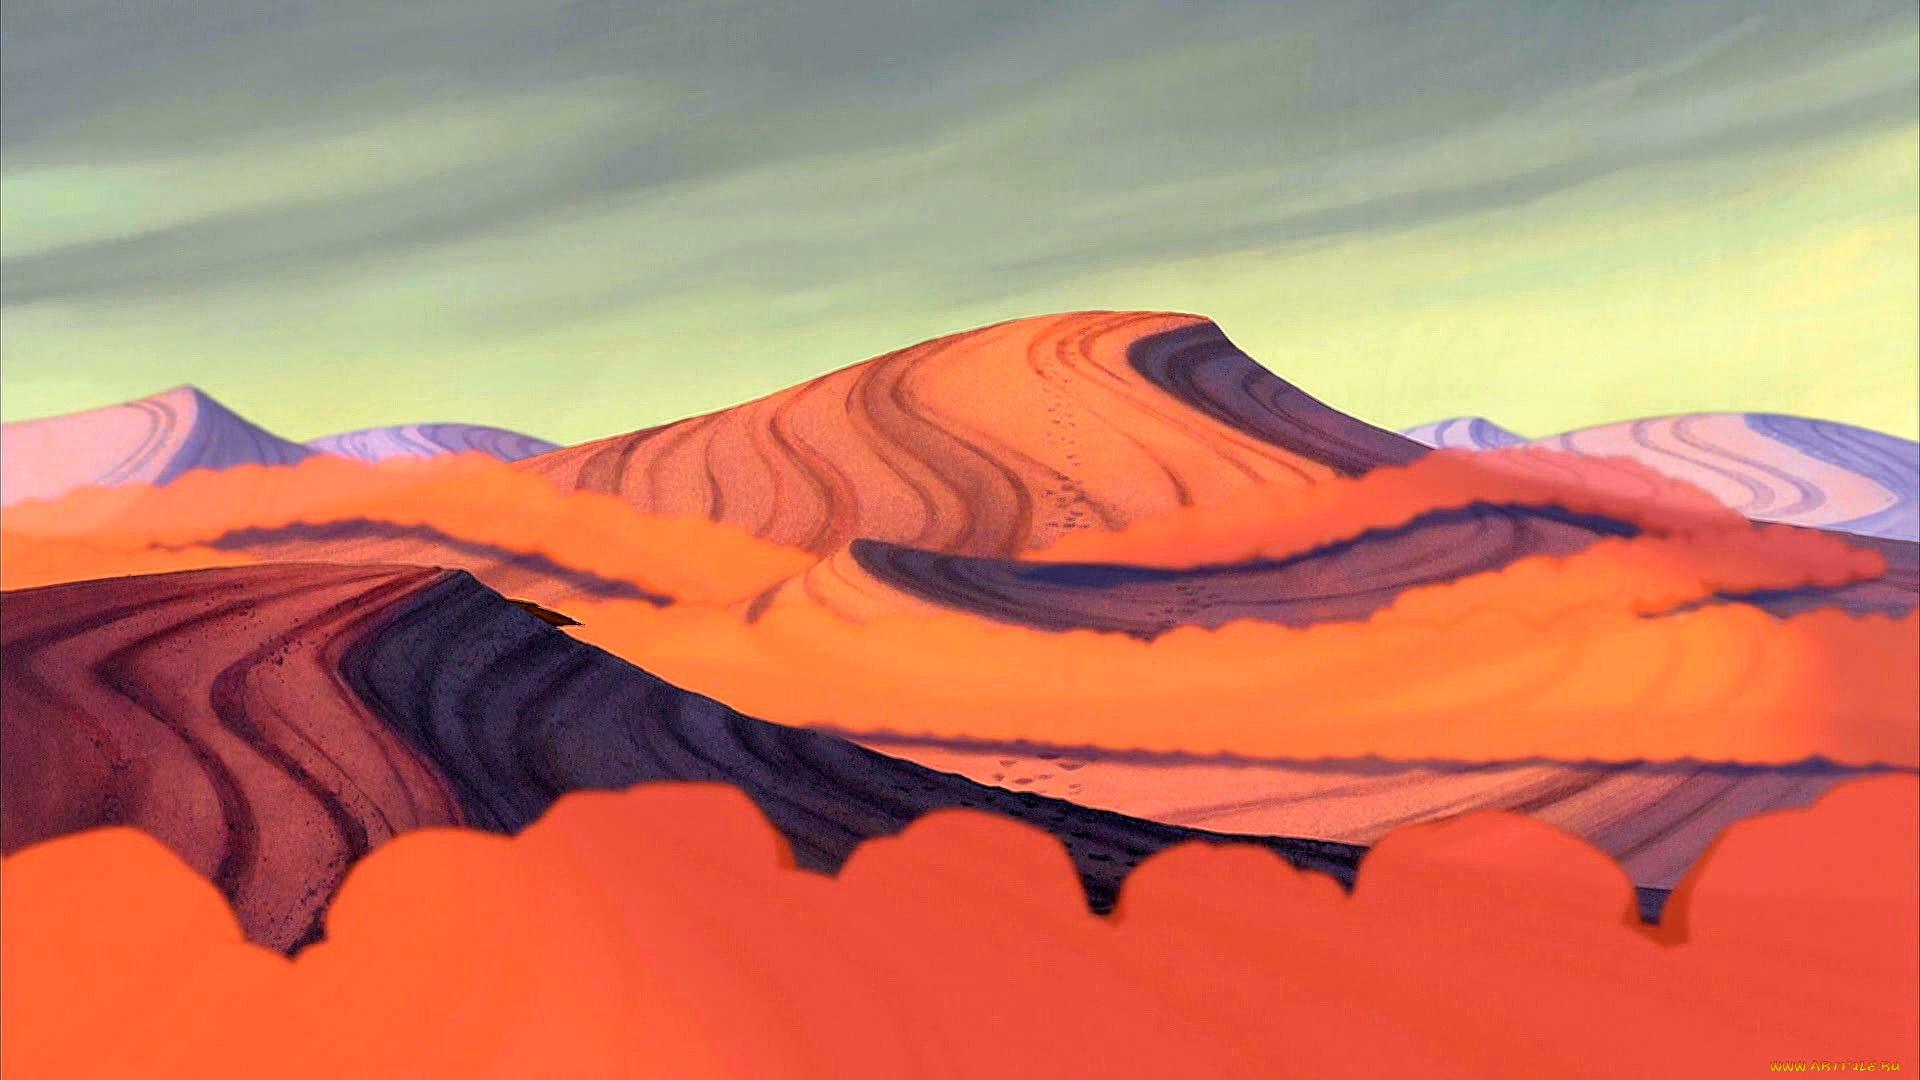 Пустынные холмы  № 1912647 бесплатно